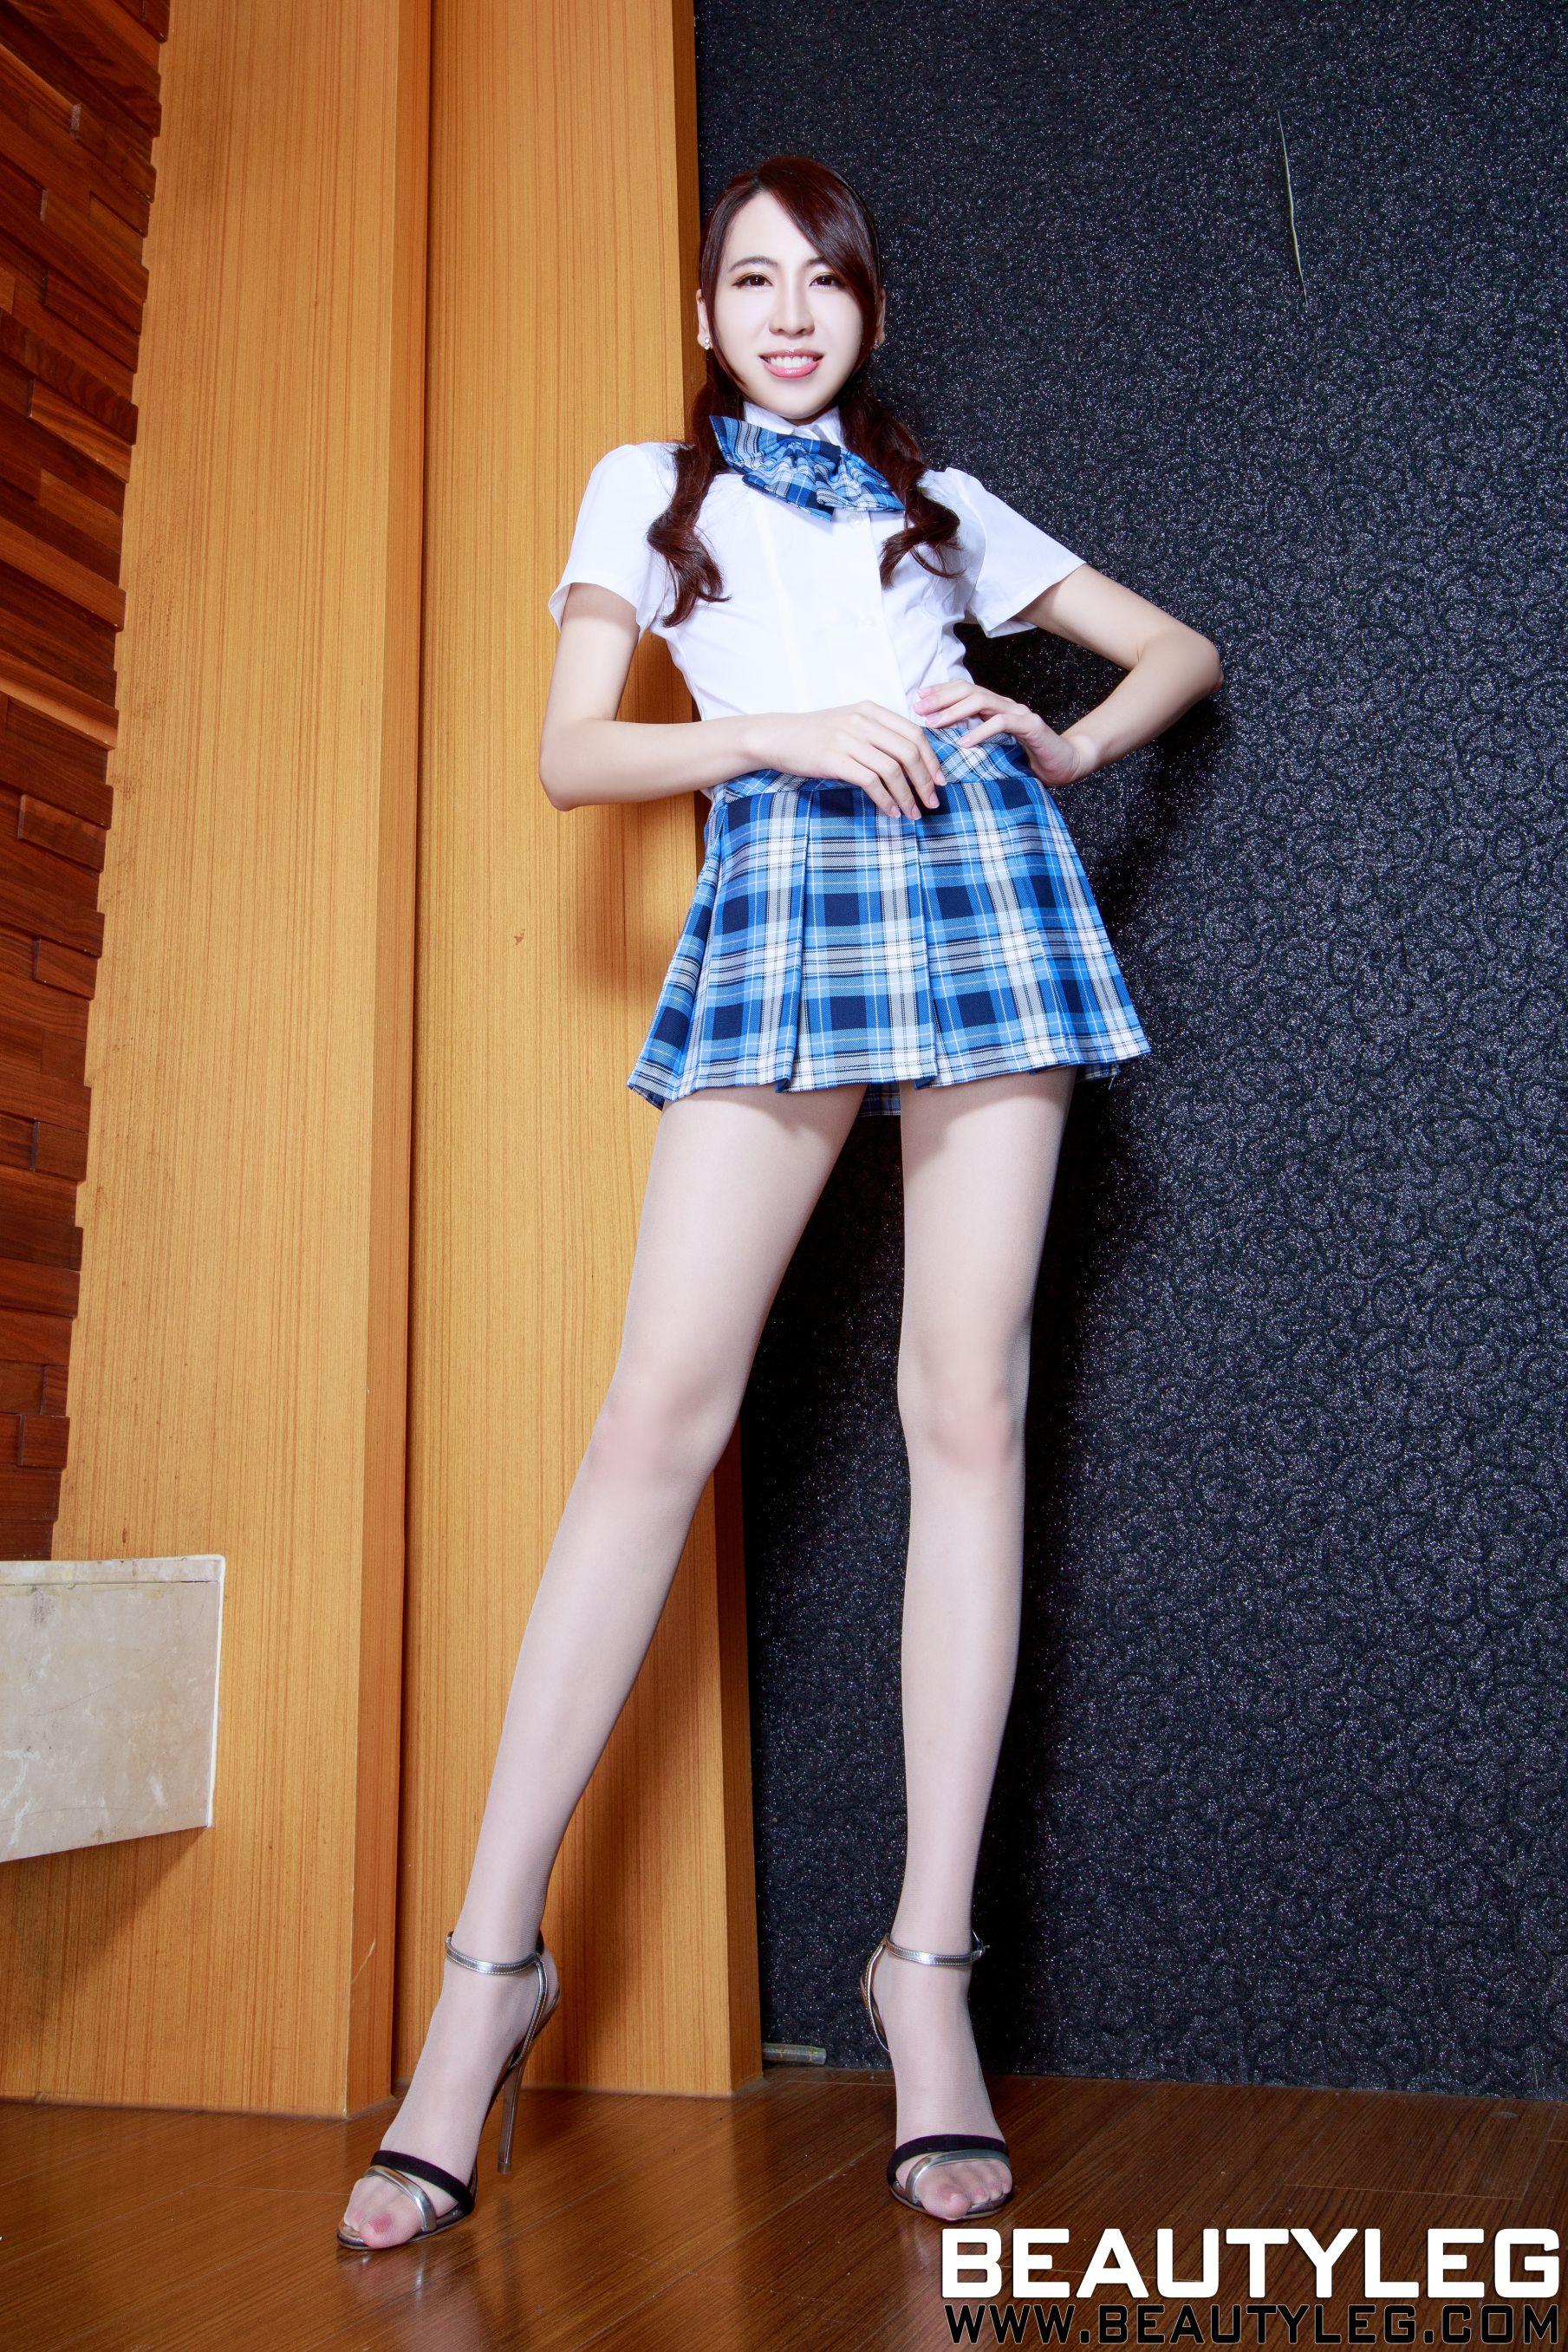 VOL.1222 [Beautyleg]高跟美腿:廖羽涵(腿模Alice)高品质写真套图(49P)